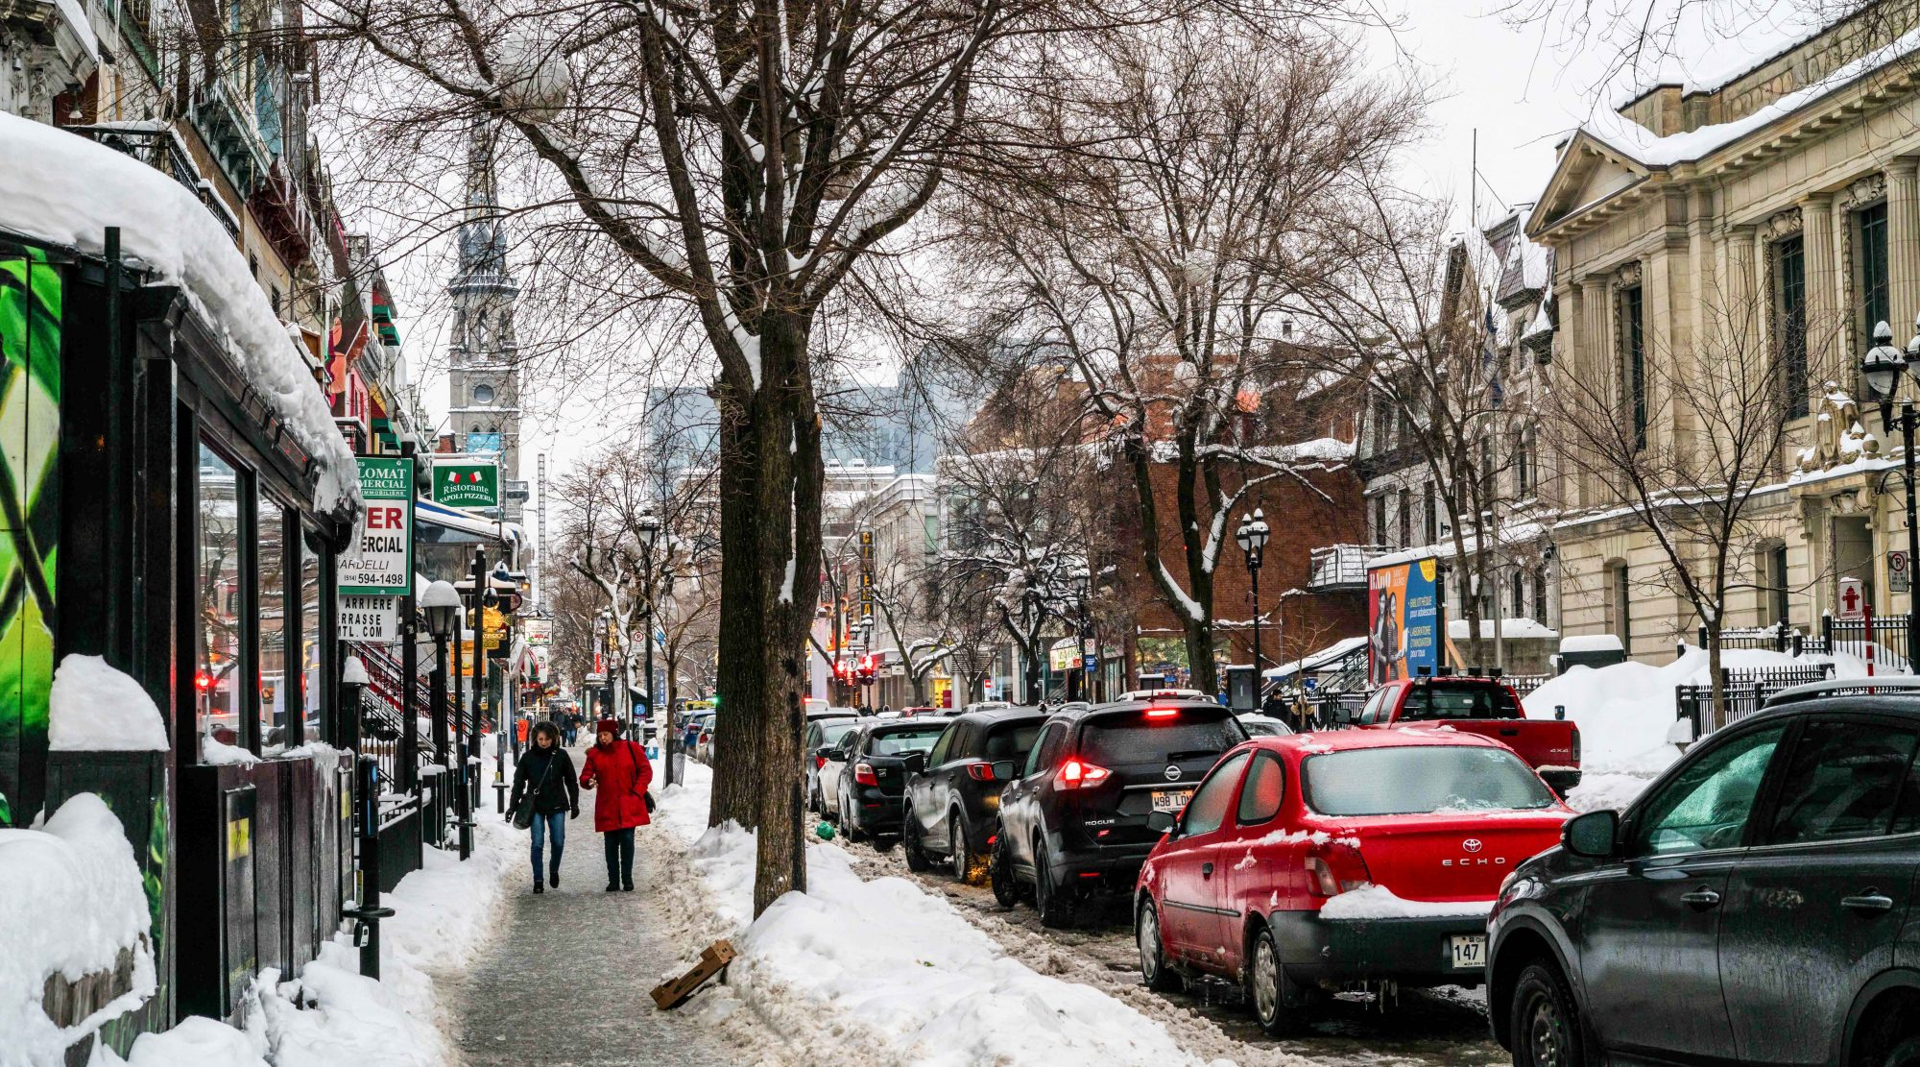 Le quartier bourgeois de Montréal